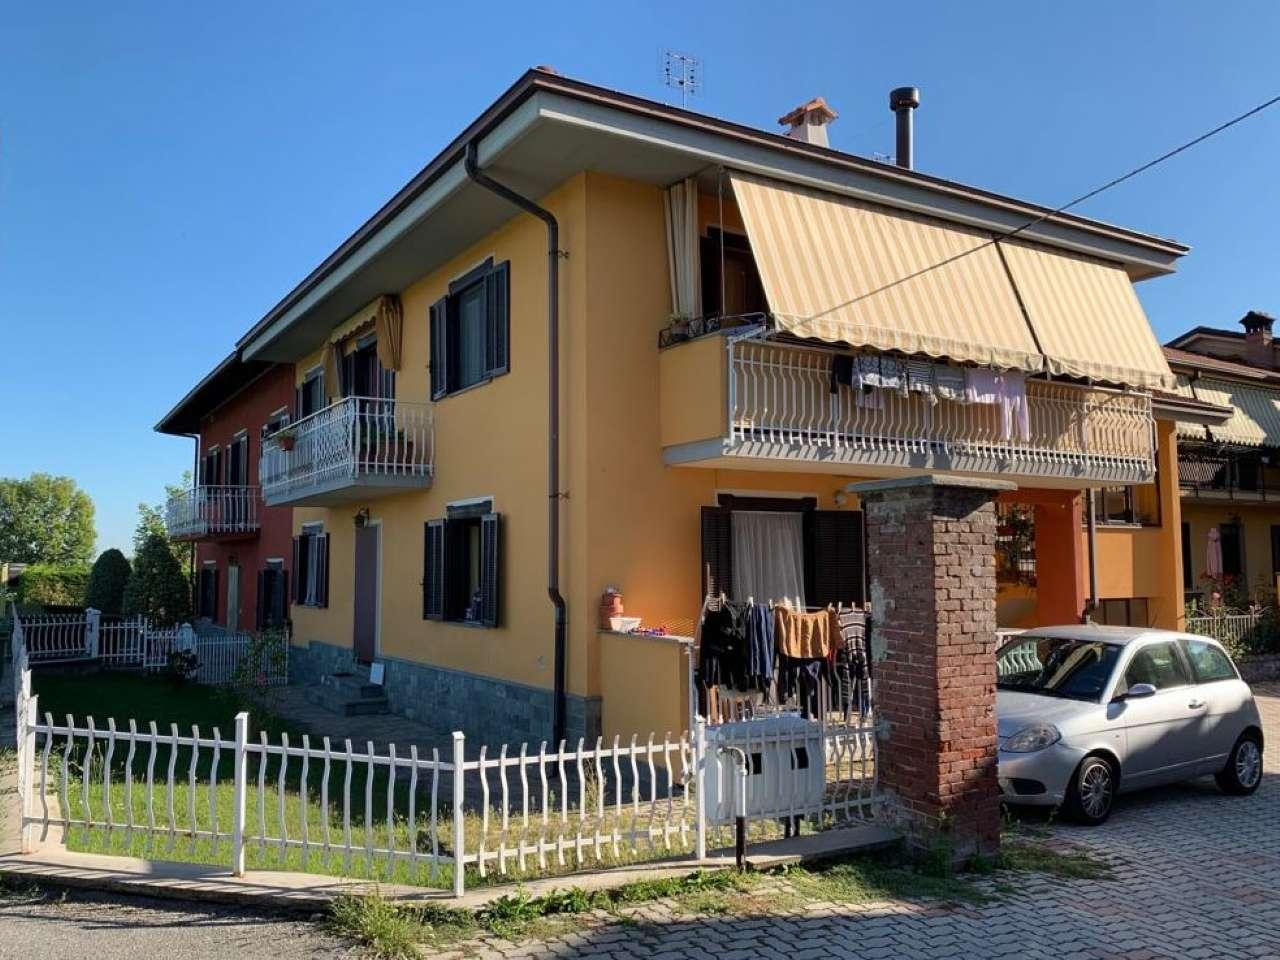 Appartamento in vendita a Cuneo, 2 locali, prezzo € 71.000   PortaleAgenzieImmobiliari.it